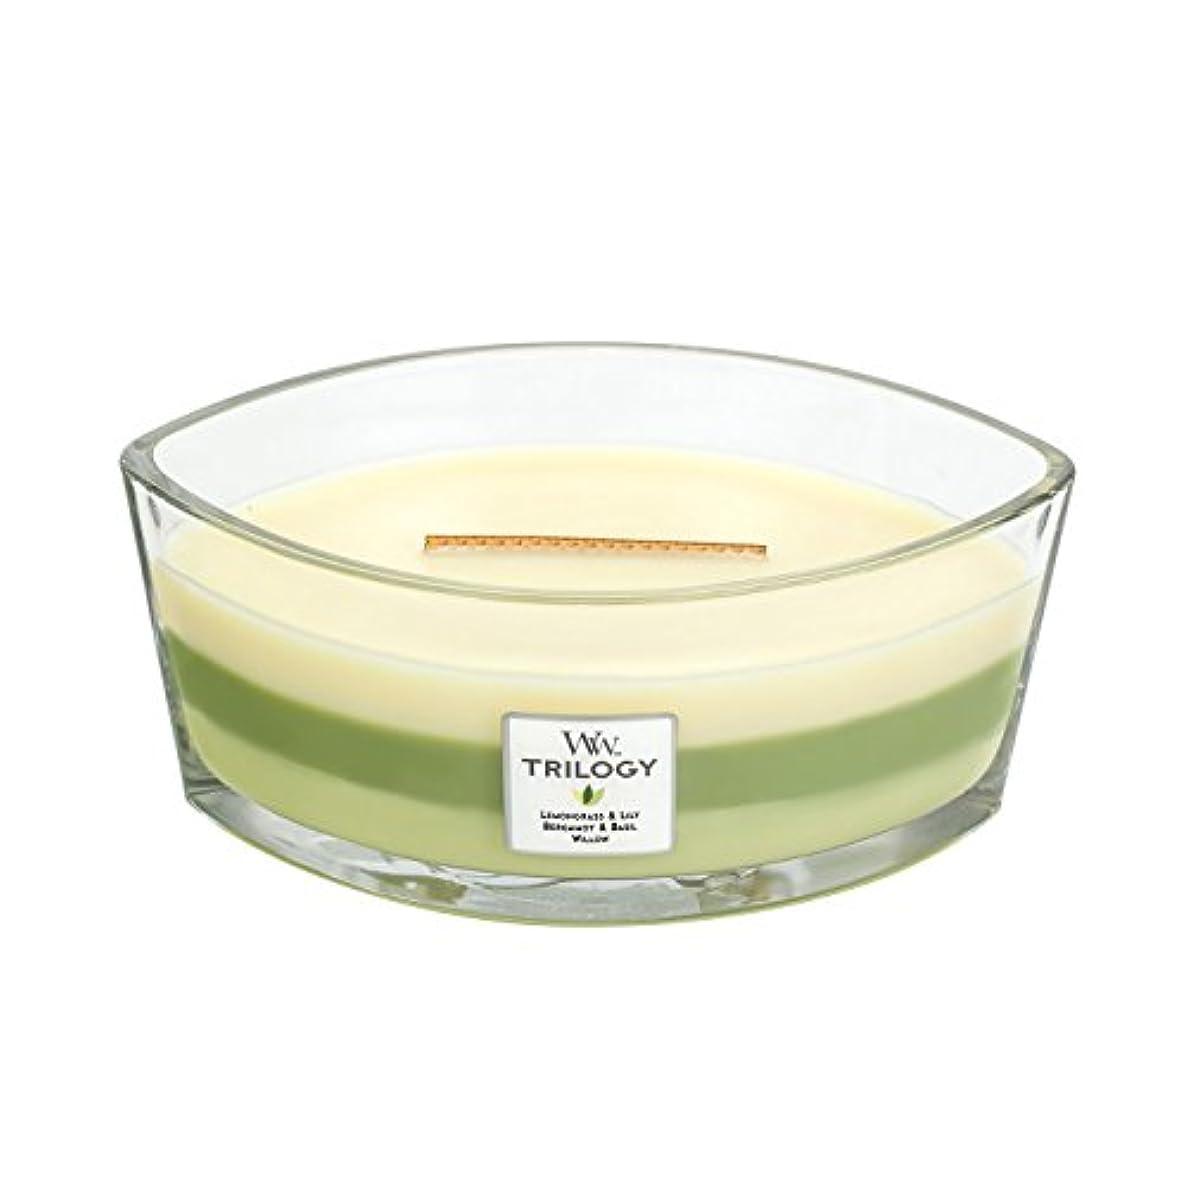 鉄道ナインへアブストラクトWoodWick Trilogy GARDEN OASIS, 3-in-1 Highly Scented Candle, Ellipse Glass Jar with Original HearthWick Flame,...